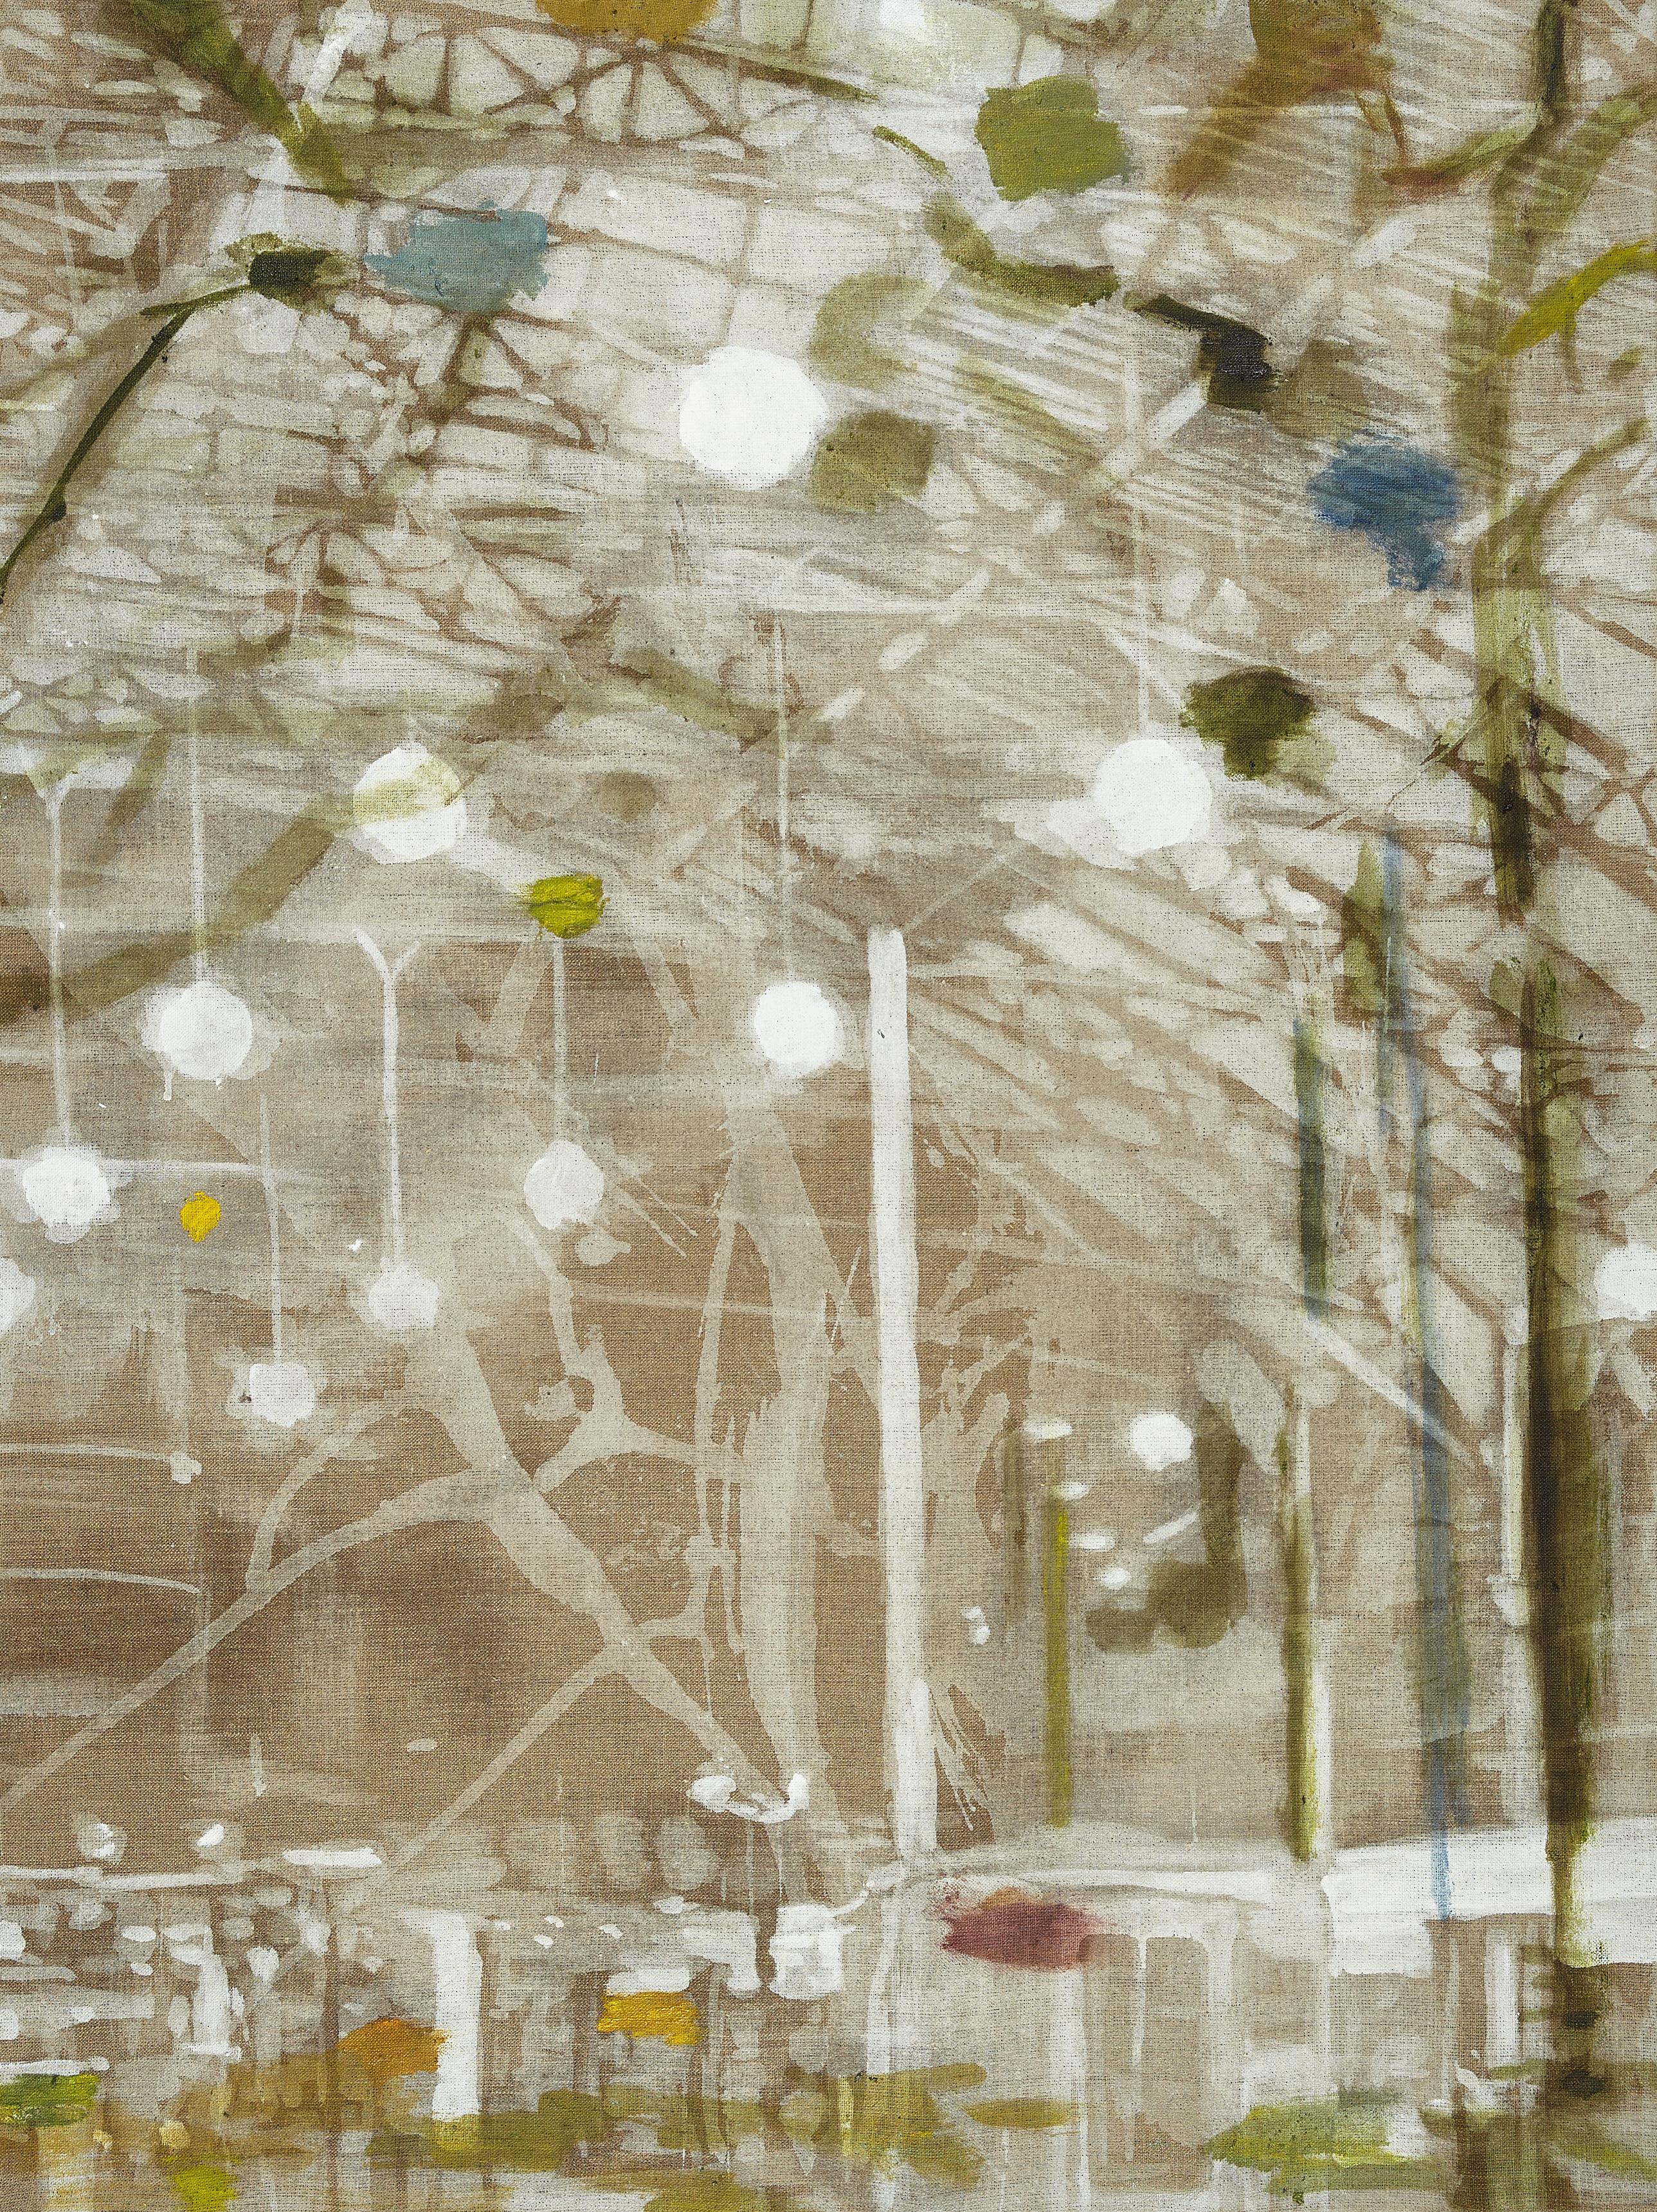 Frejdigt, der, 120 x 90 cm, 2016